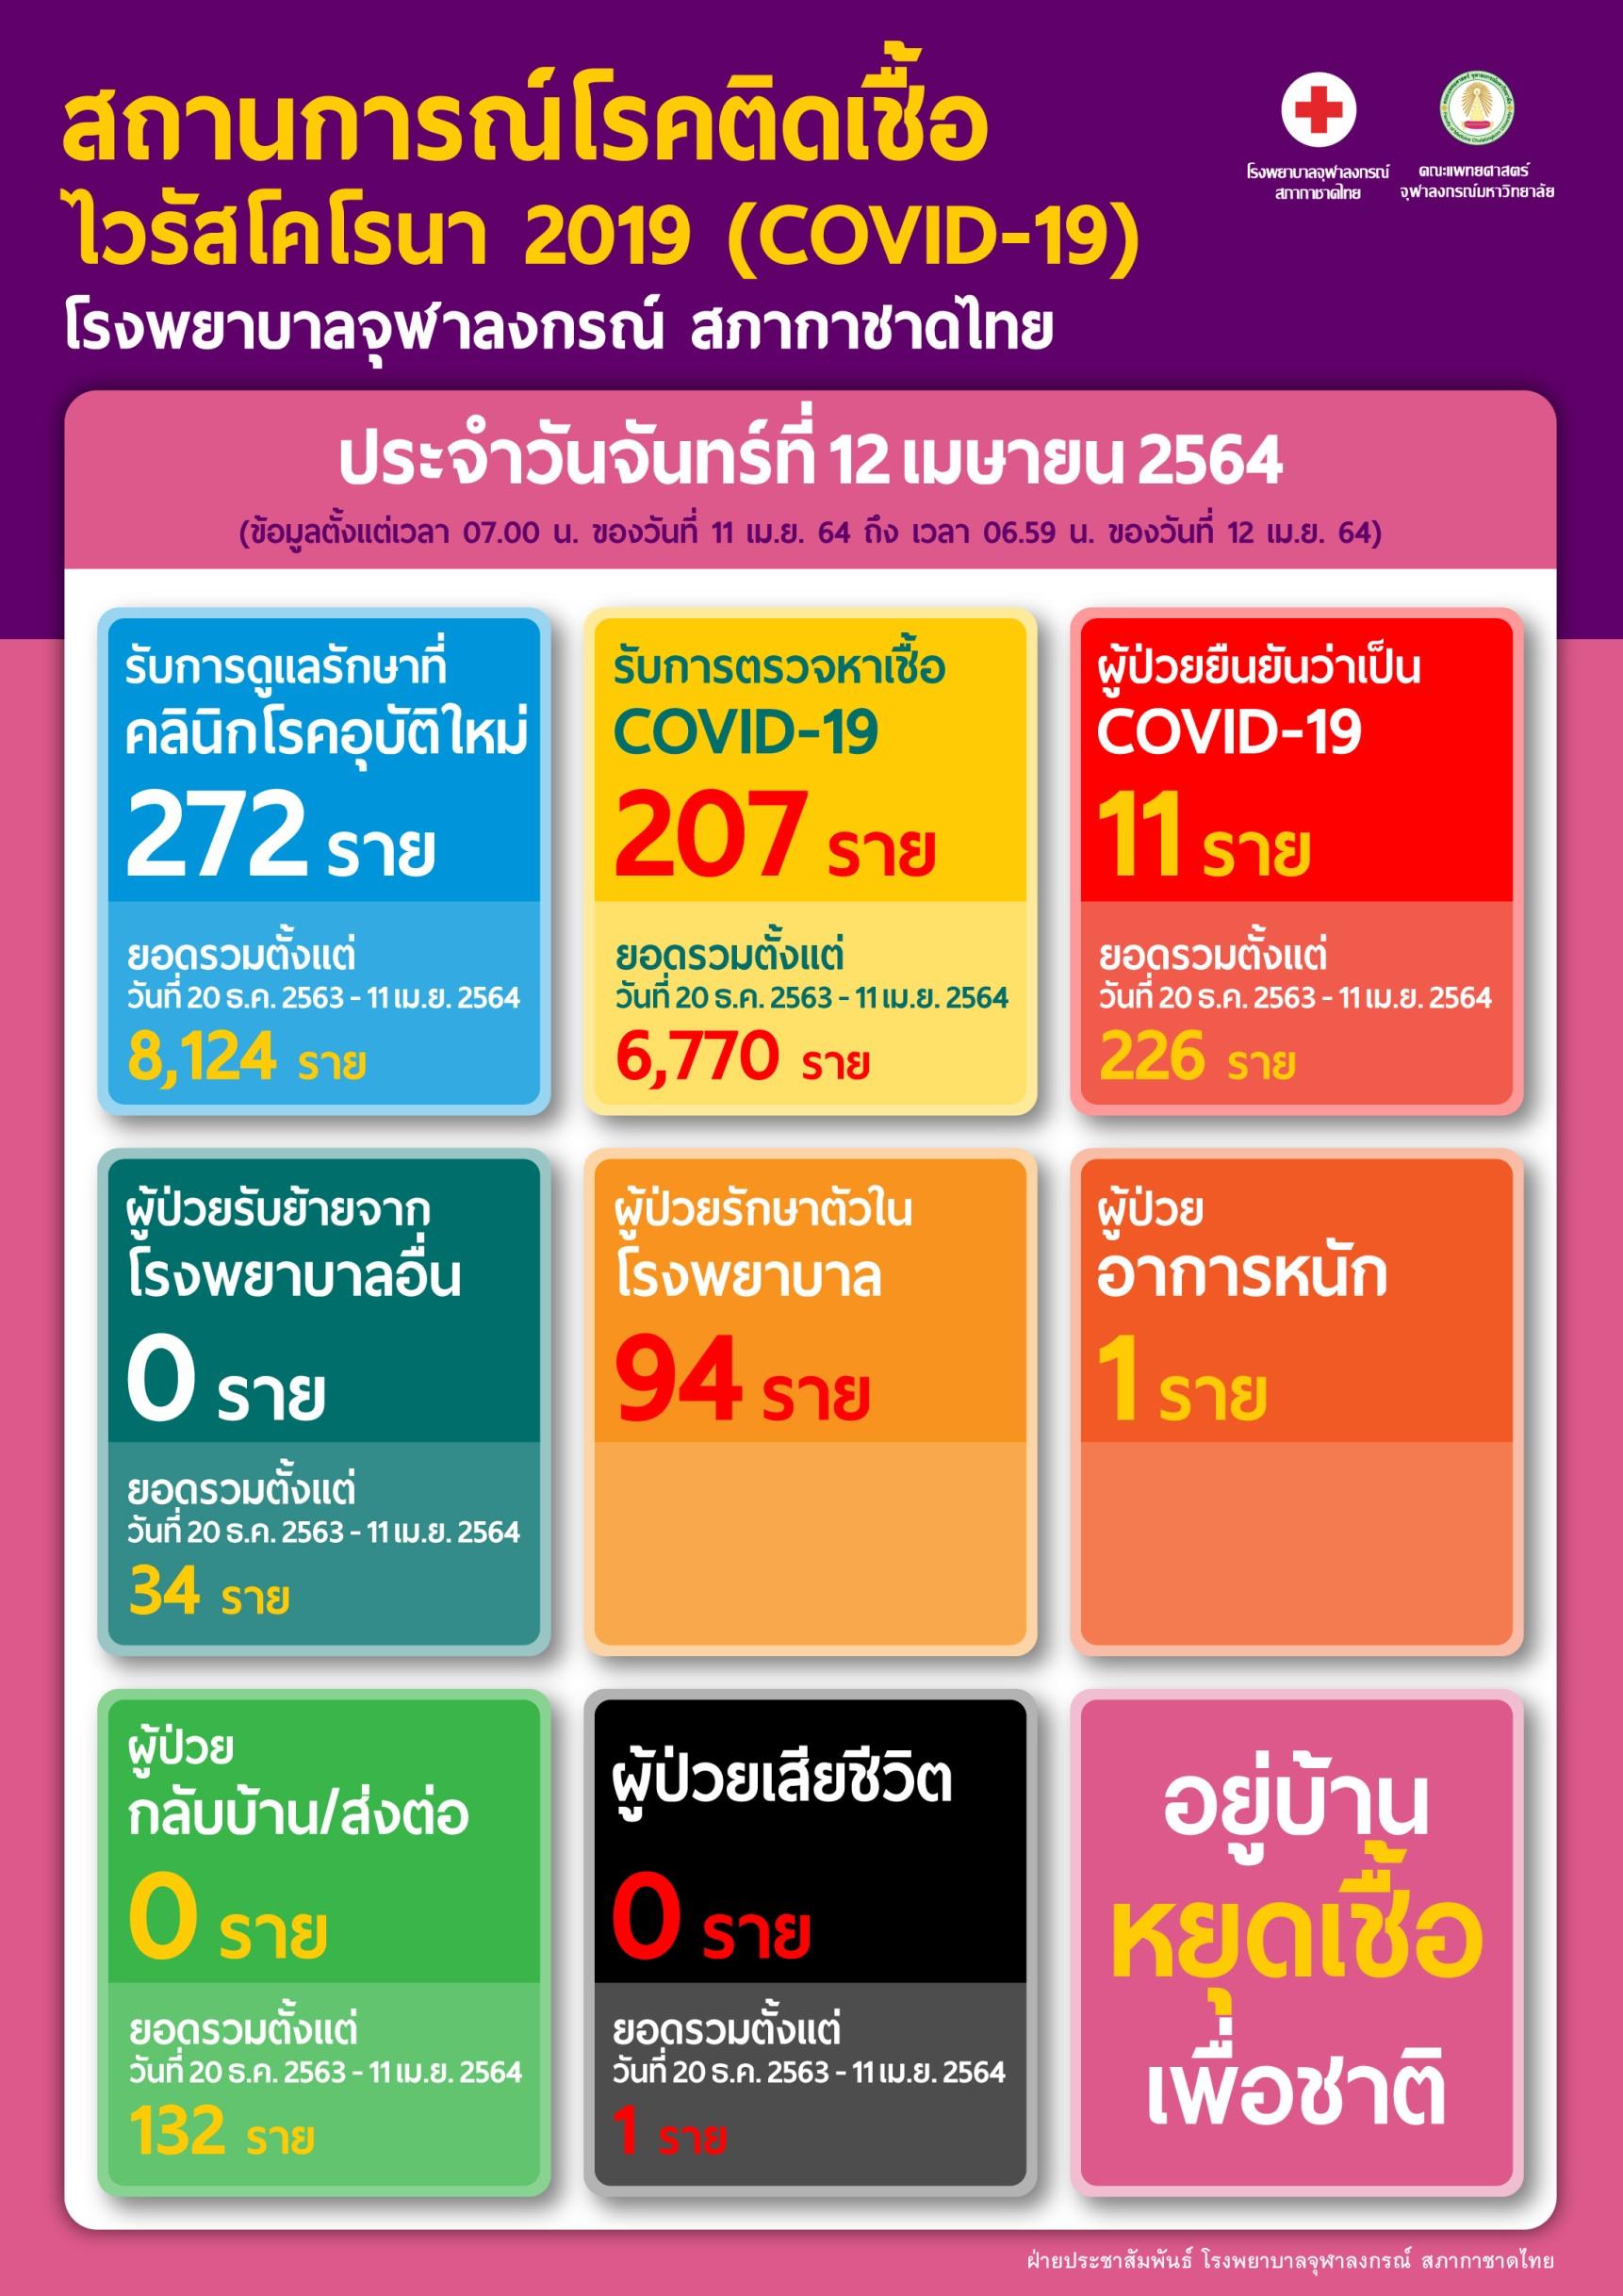 สถานการณ์โรคติดเชื้อ ไวรัสโคโรนา 2019 (COVID-19) โรงพยาบาลจุฬาลงกรณ์ สภากาชาดไทย ประจำวันจันทร์ที่ 12 เมษายน 2564